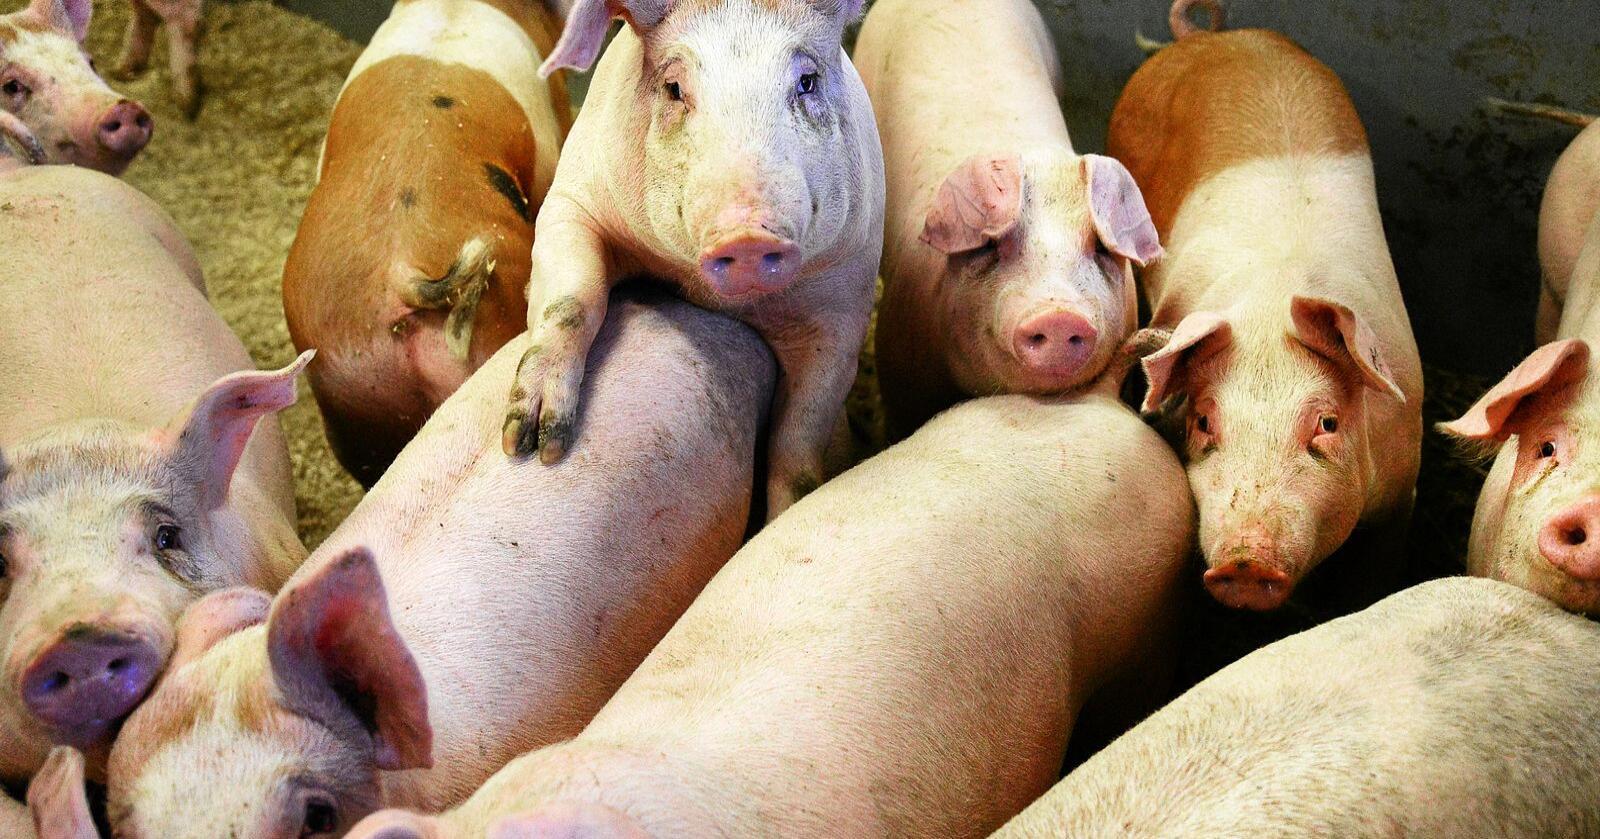 Forskere har sett på hvem vi stoler på når vi får informasjon om dyrevelferd. Foto: Siri Juell Rasmussen.